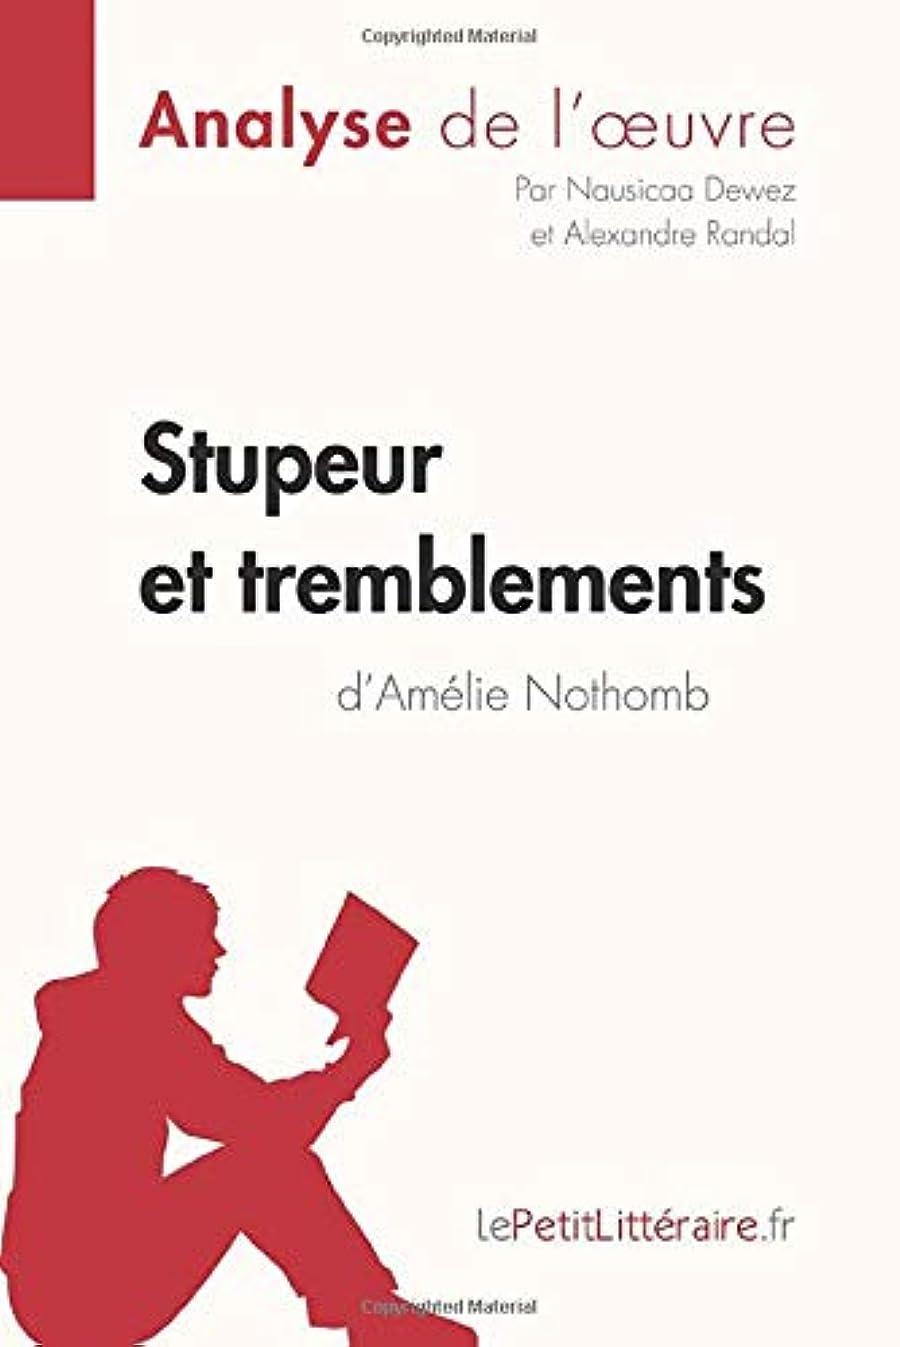 圧縮された混乱人類Stupeur et tremblements d'Amélie Nothomb (Analyse de l'oeuvre): Comprendre la littérature avec lePetitLittéraire.fr